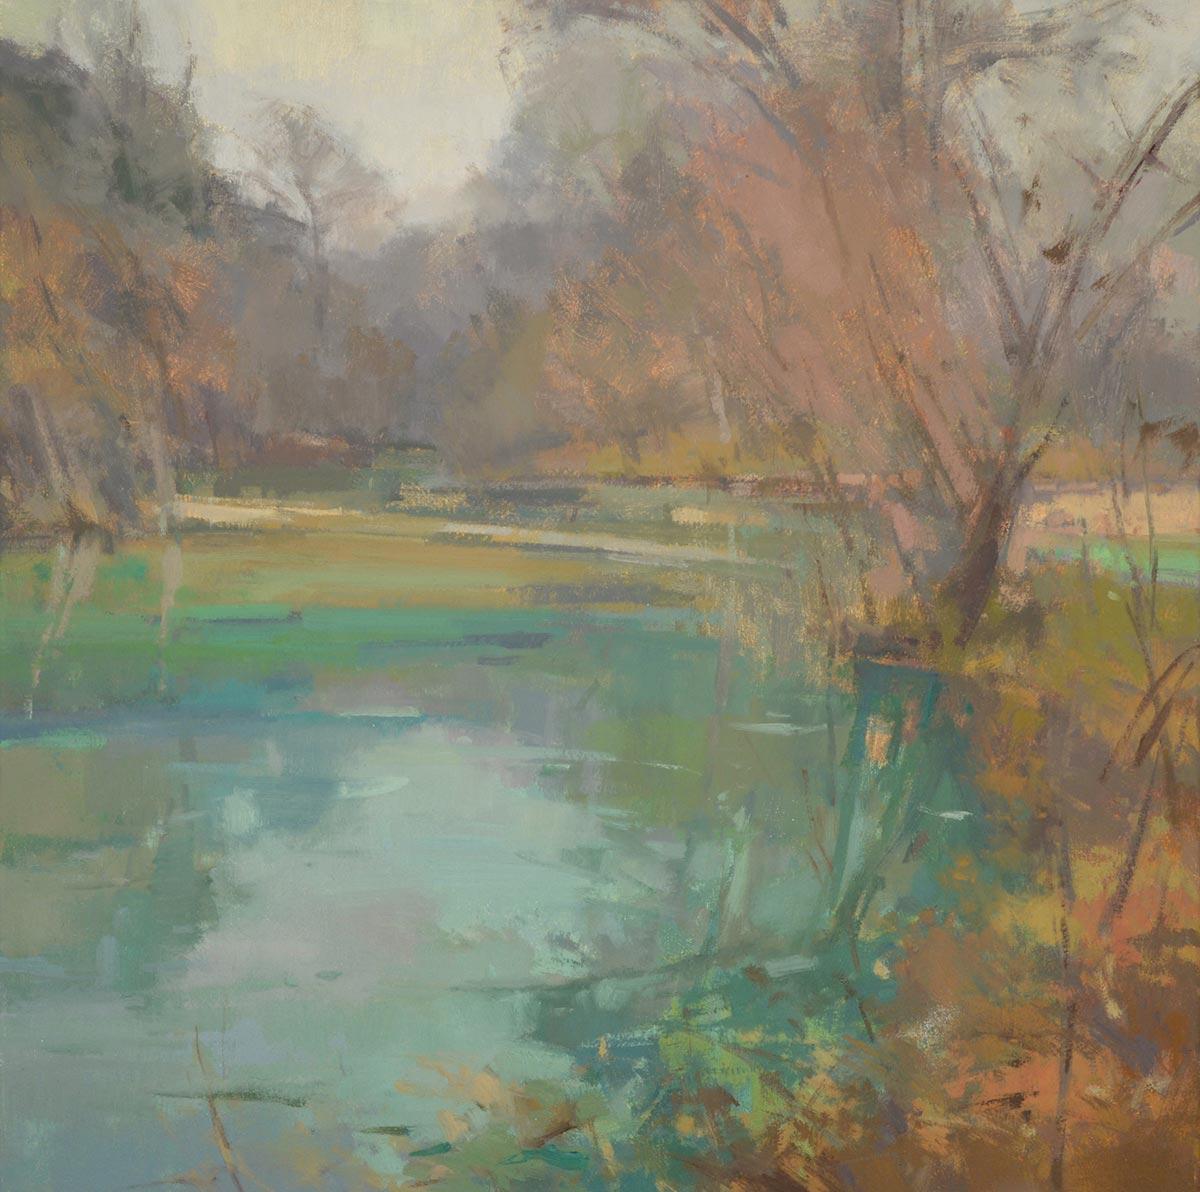 Mist Bandera Creek, 24x24 oil, by Jill Carver